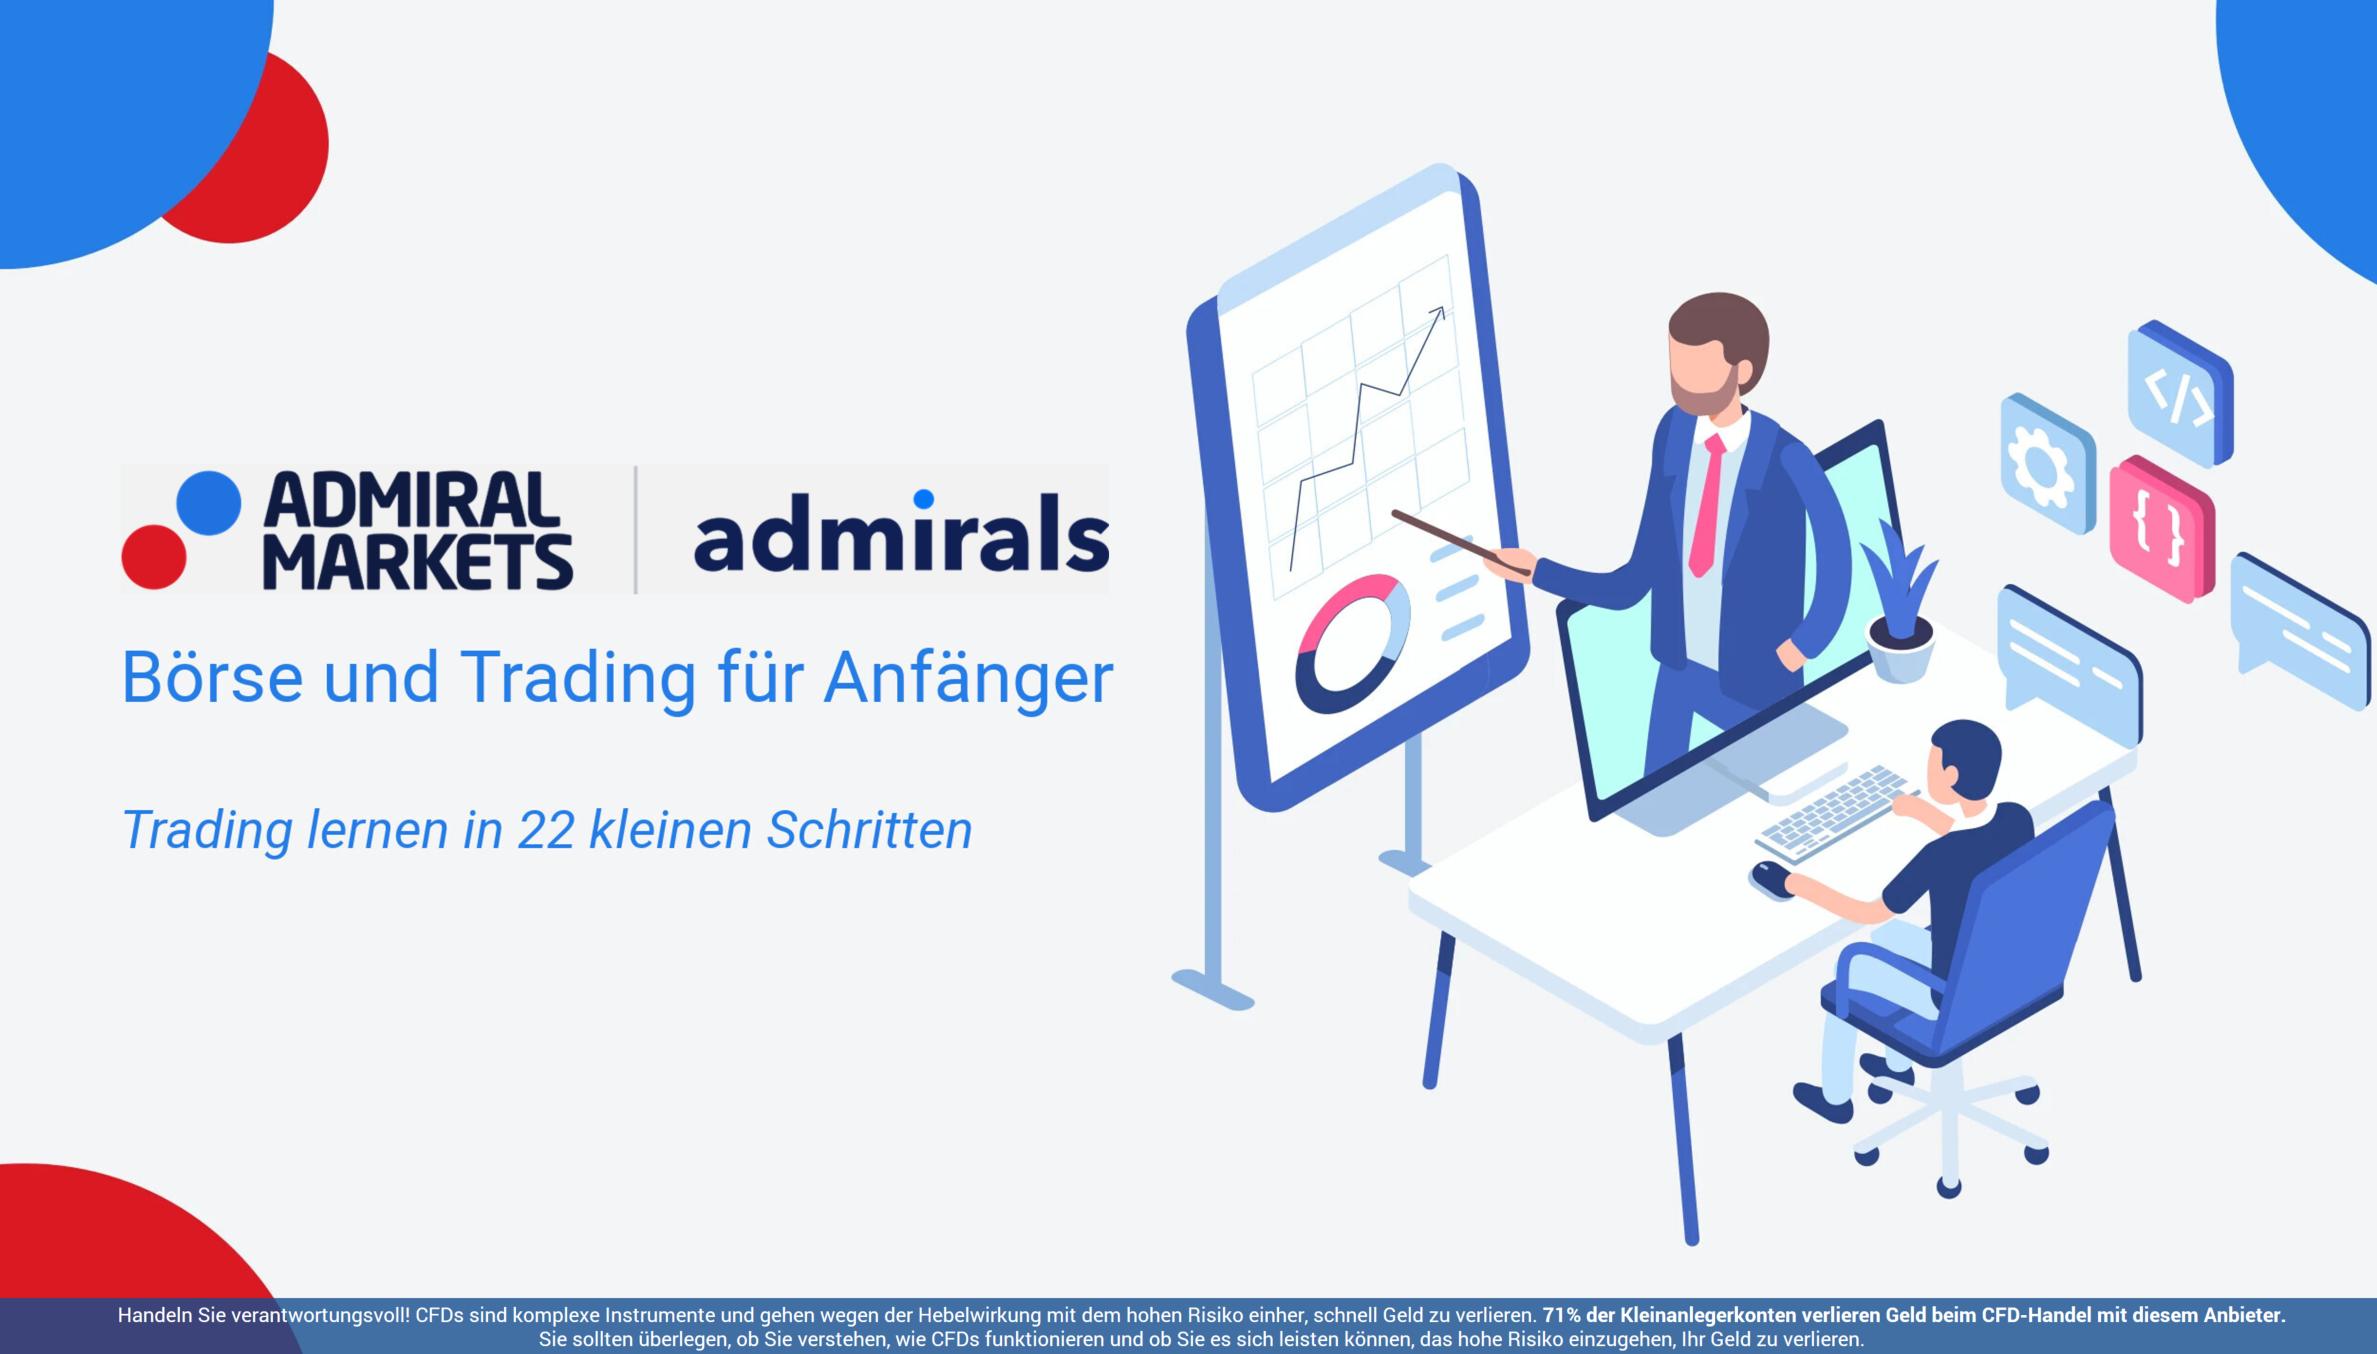 Börse & Trading Lernen - Der Kurs 2021